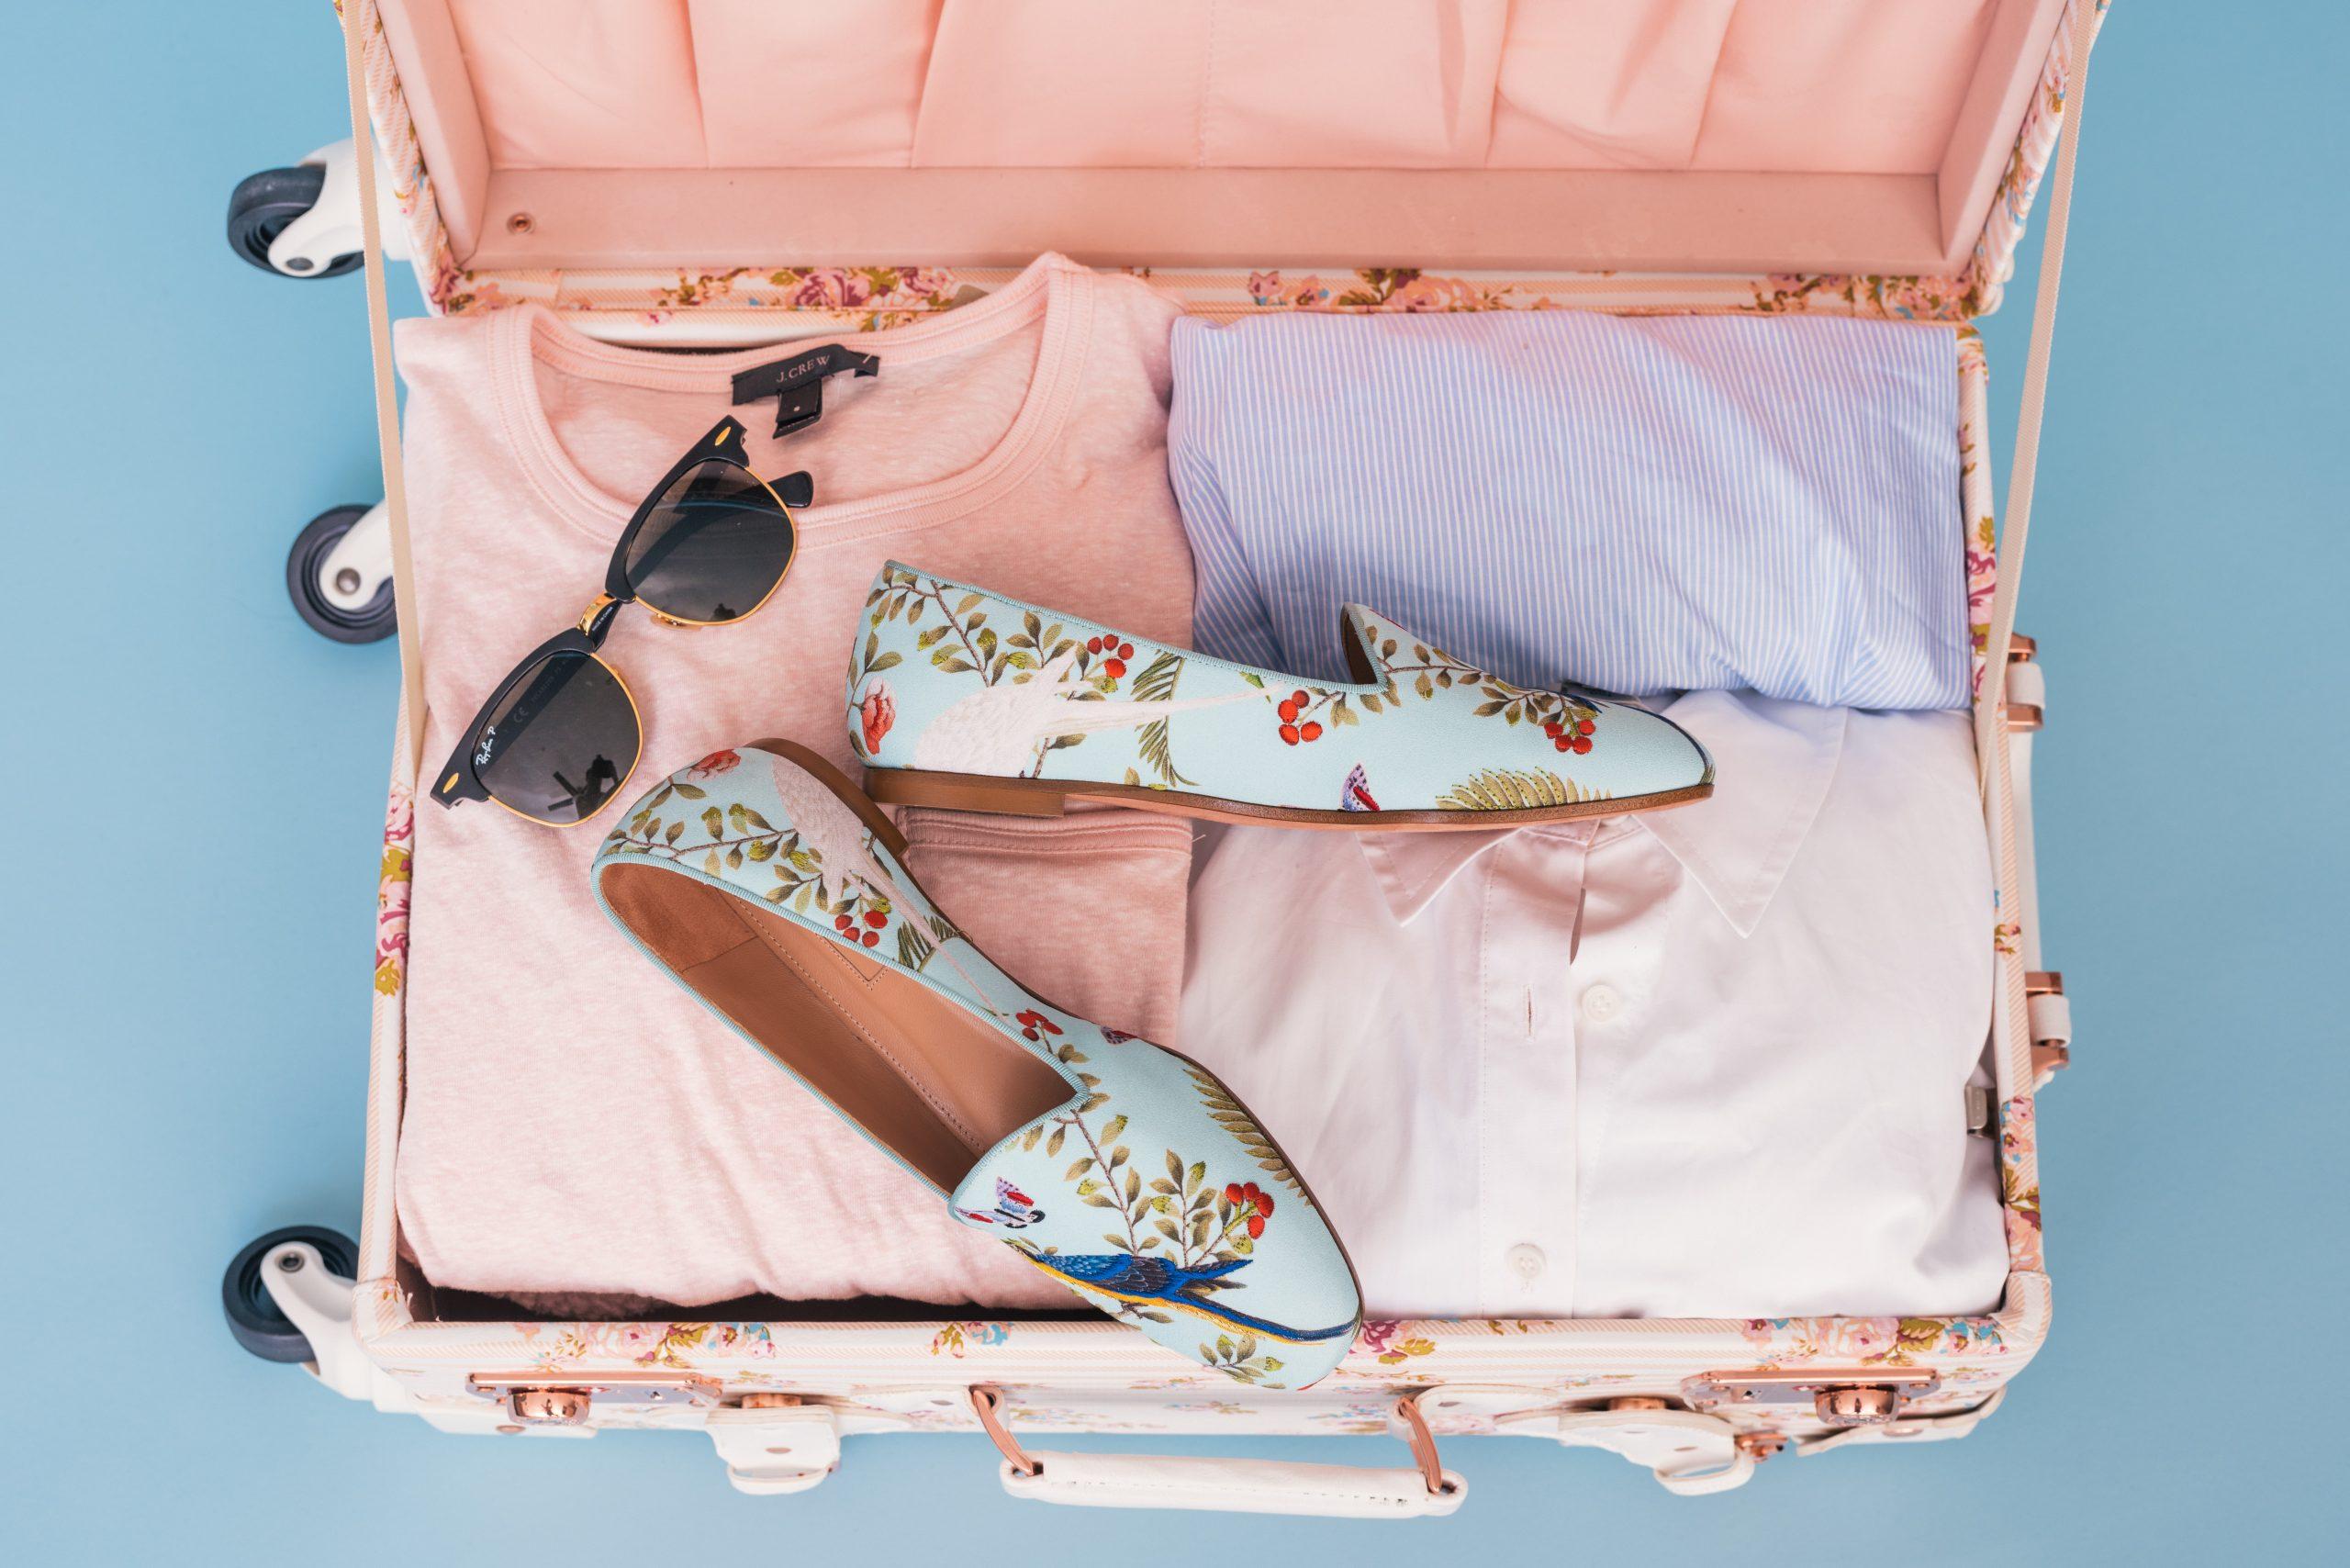 Op vakantie? Deze kledingitems moeten mee in je koffer